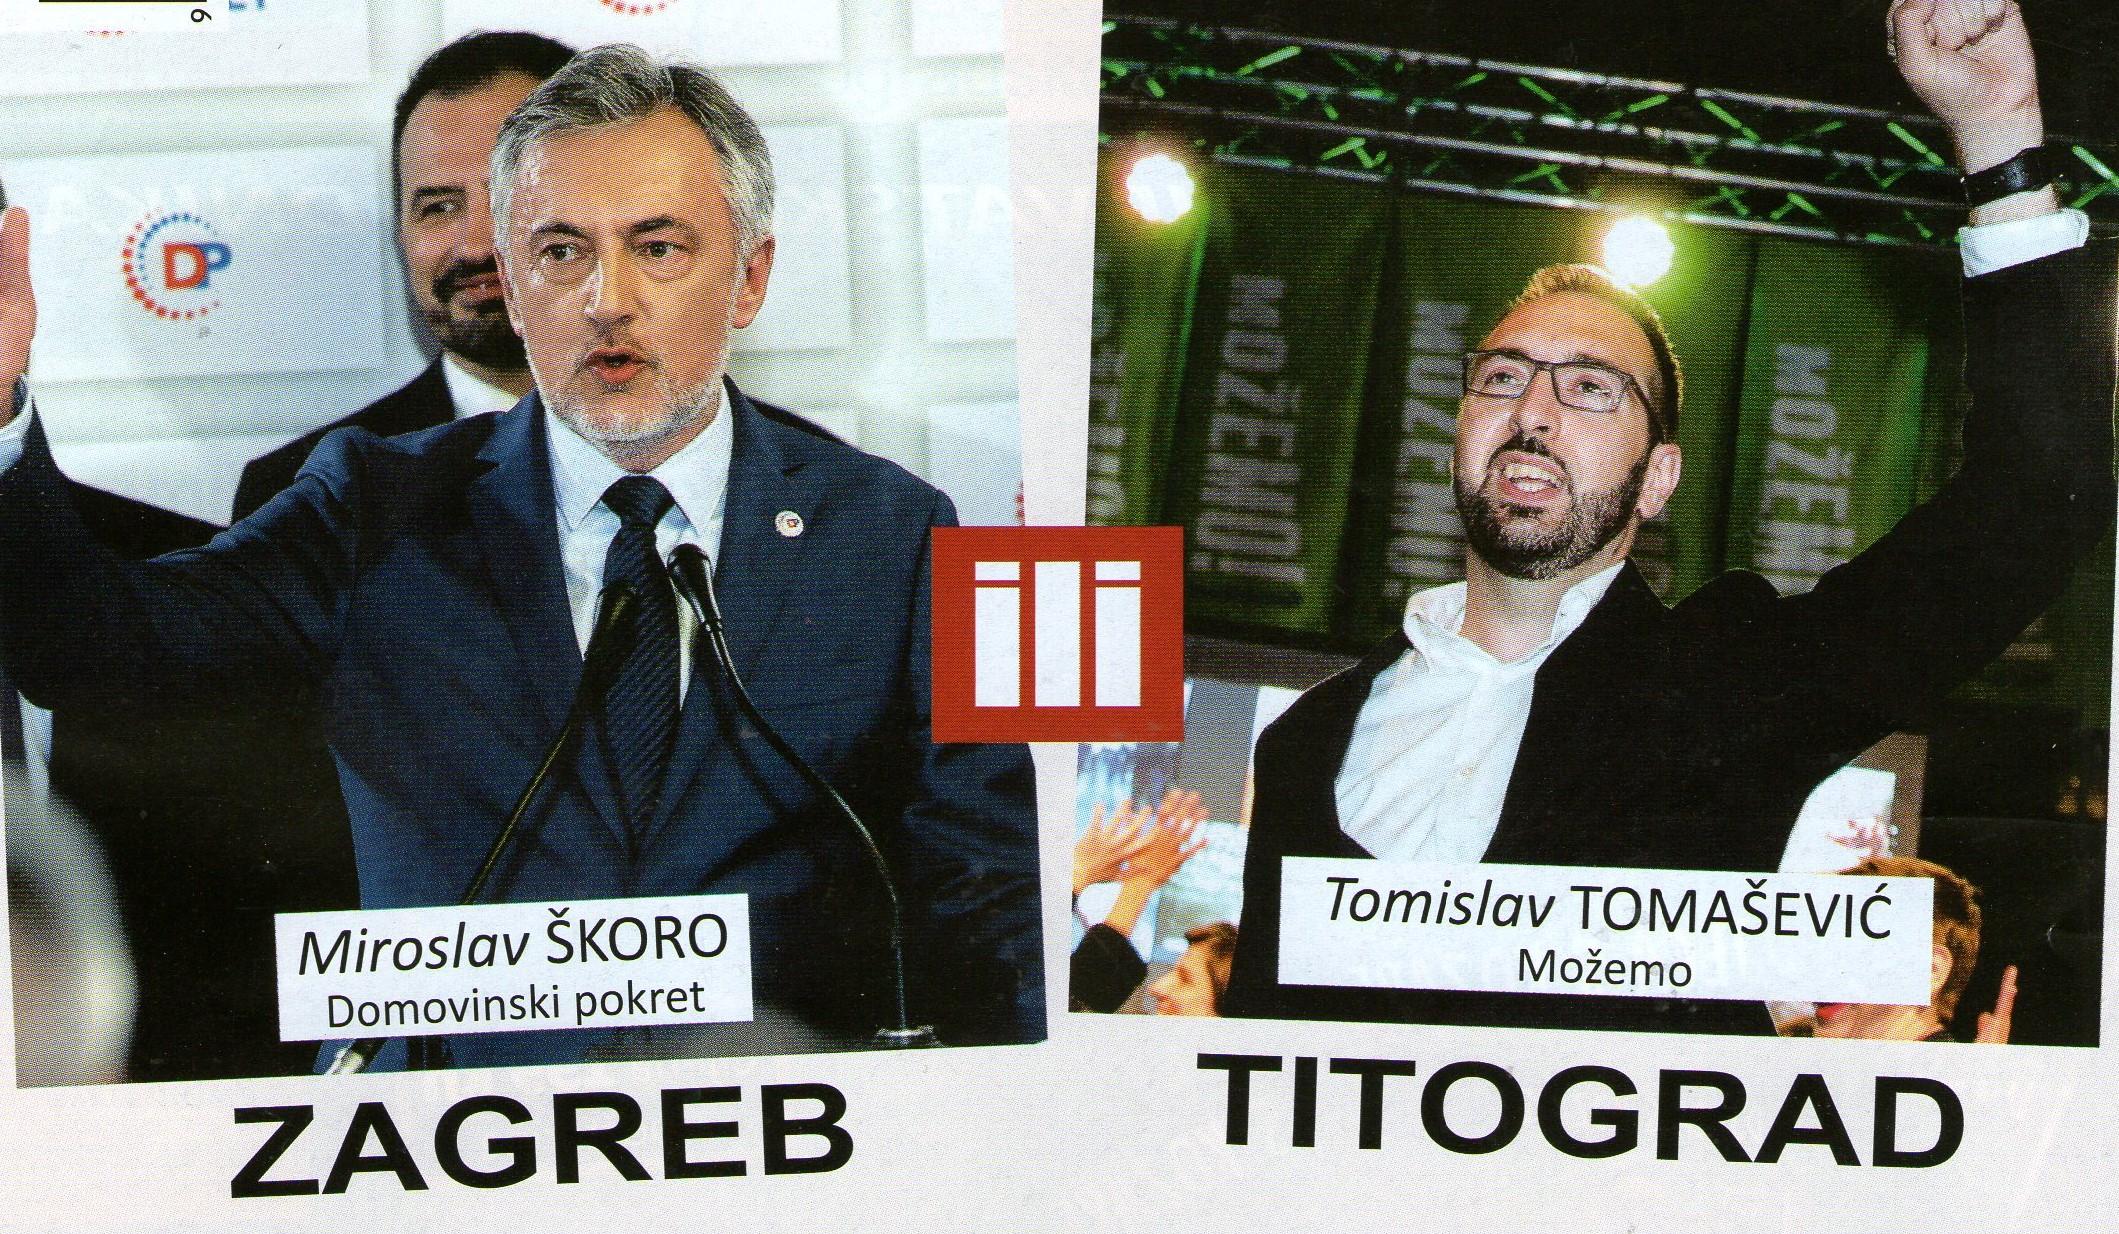 ZAGREB-ili-TITOGRAD-1